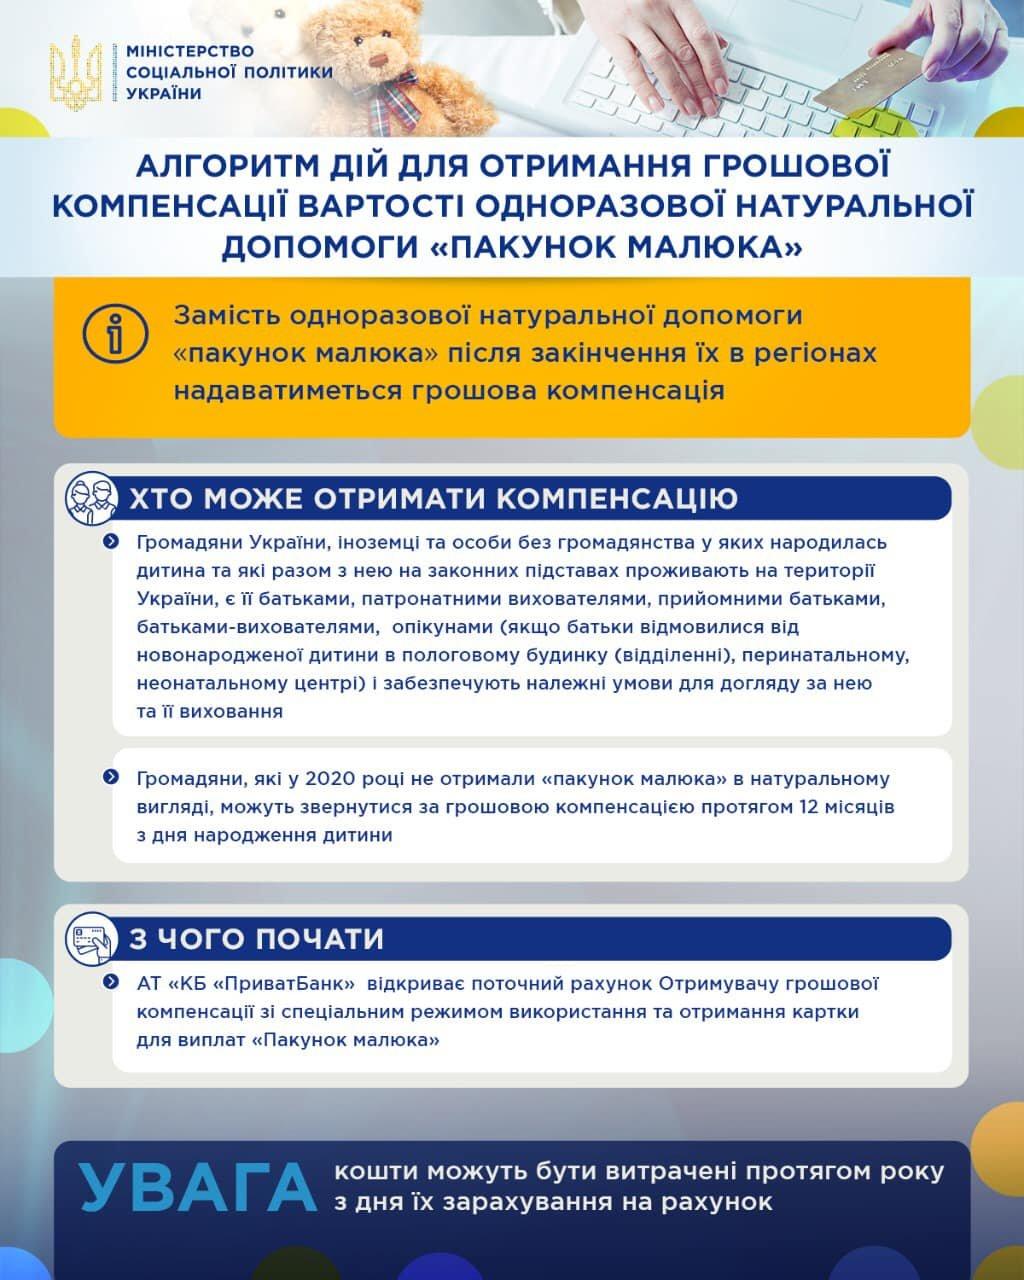 З 1 вересня стартує пілотний проект монетизації вартості «пакунків малюка» у 2020 - 2021 роках: як батькам отримати кошти, фото-3